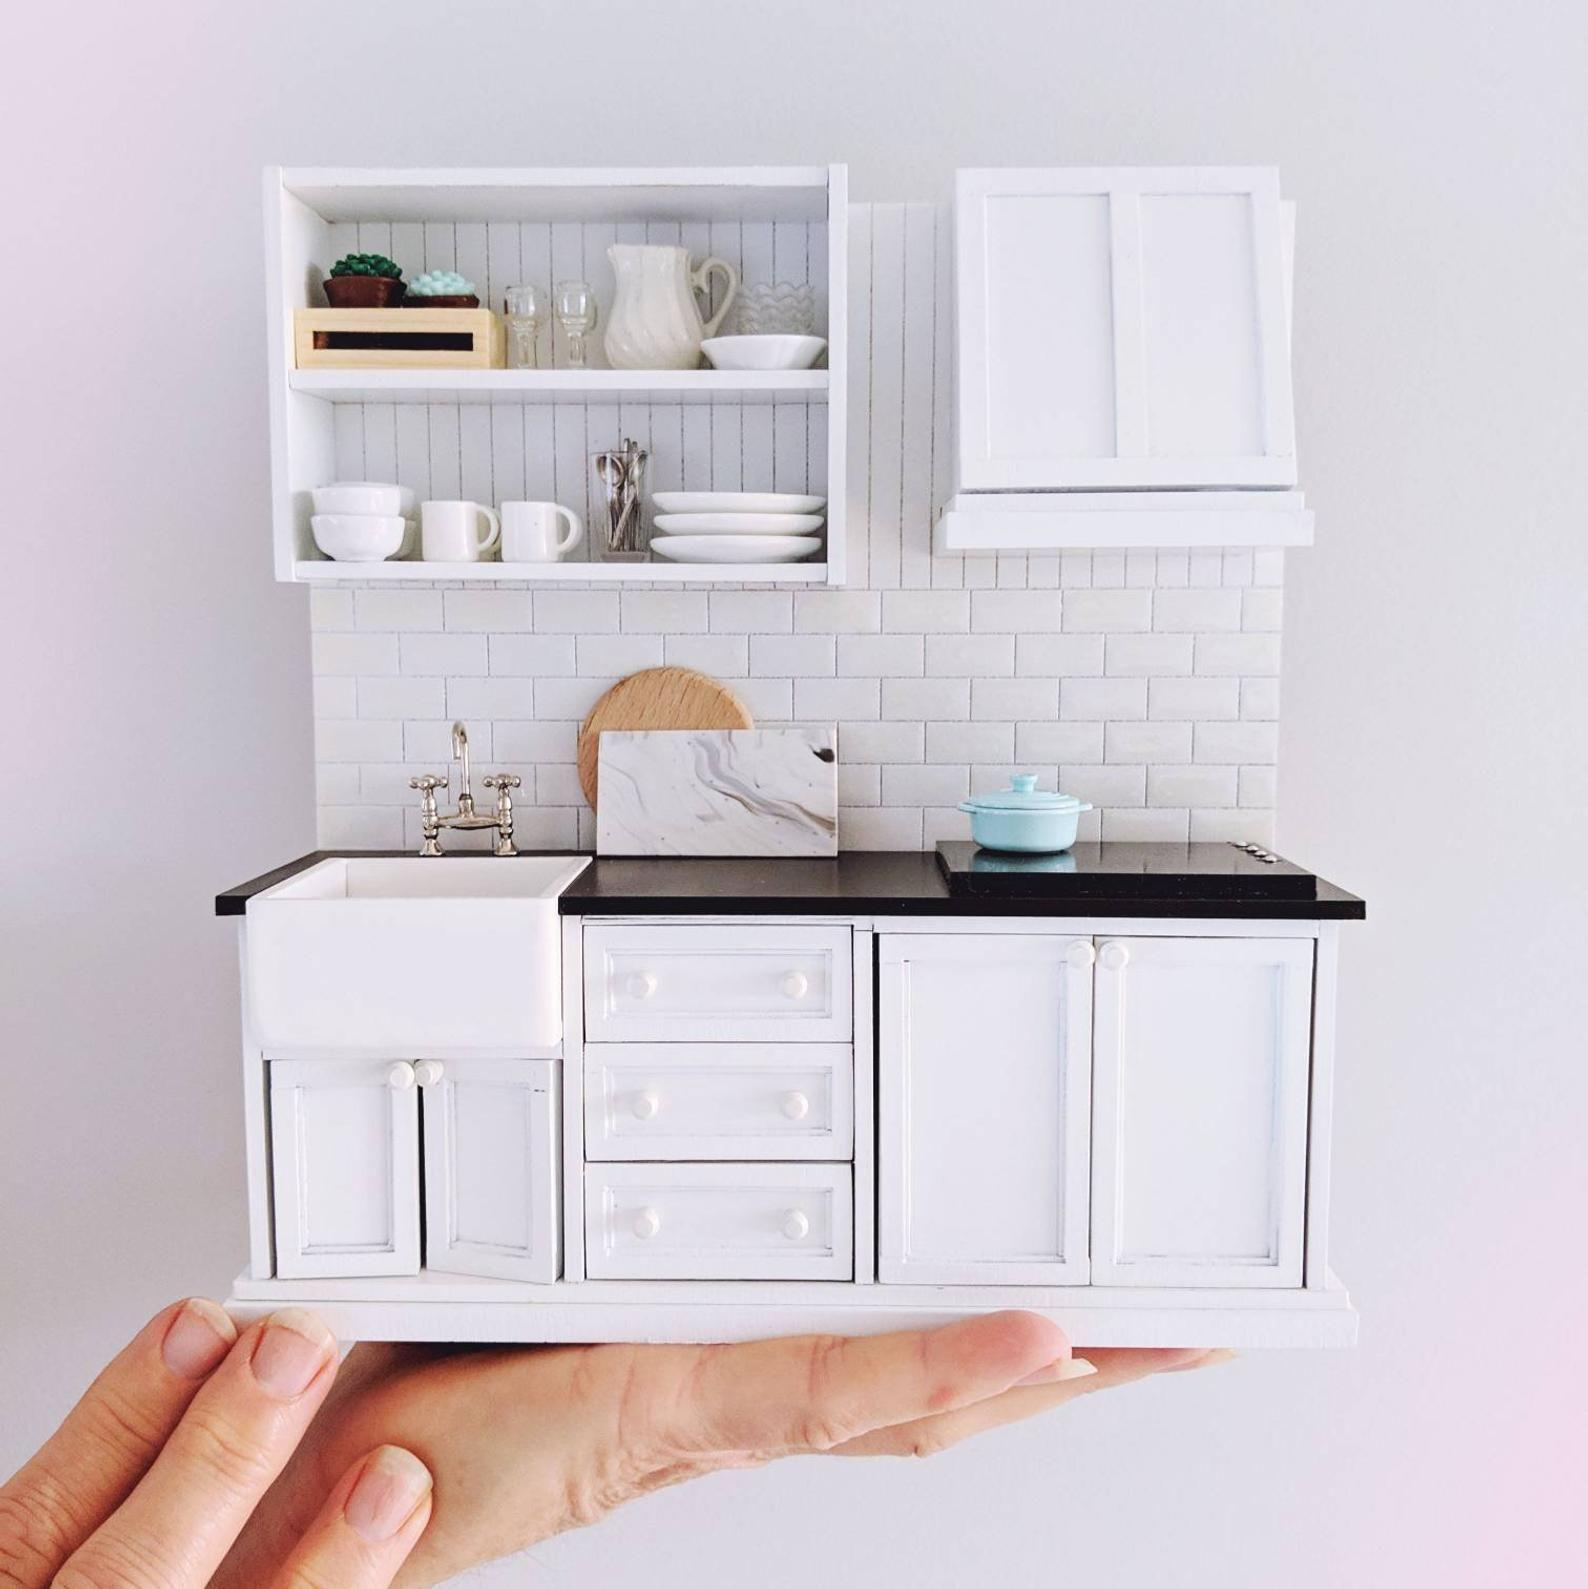 Miniature Kitchen Modern Kitchen For Dollhouse Farmhouse Kitchen Functional Mini Kitchen Mini Modern Dollhou Diy Puppenhaus Mobel Puppenhaus Diy Puppenhaus